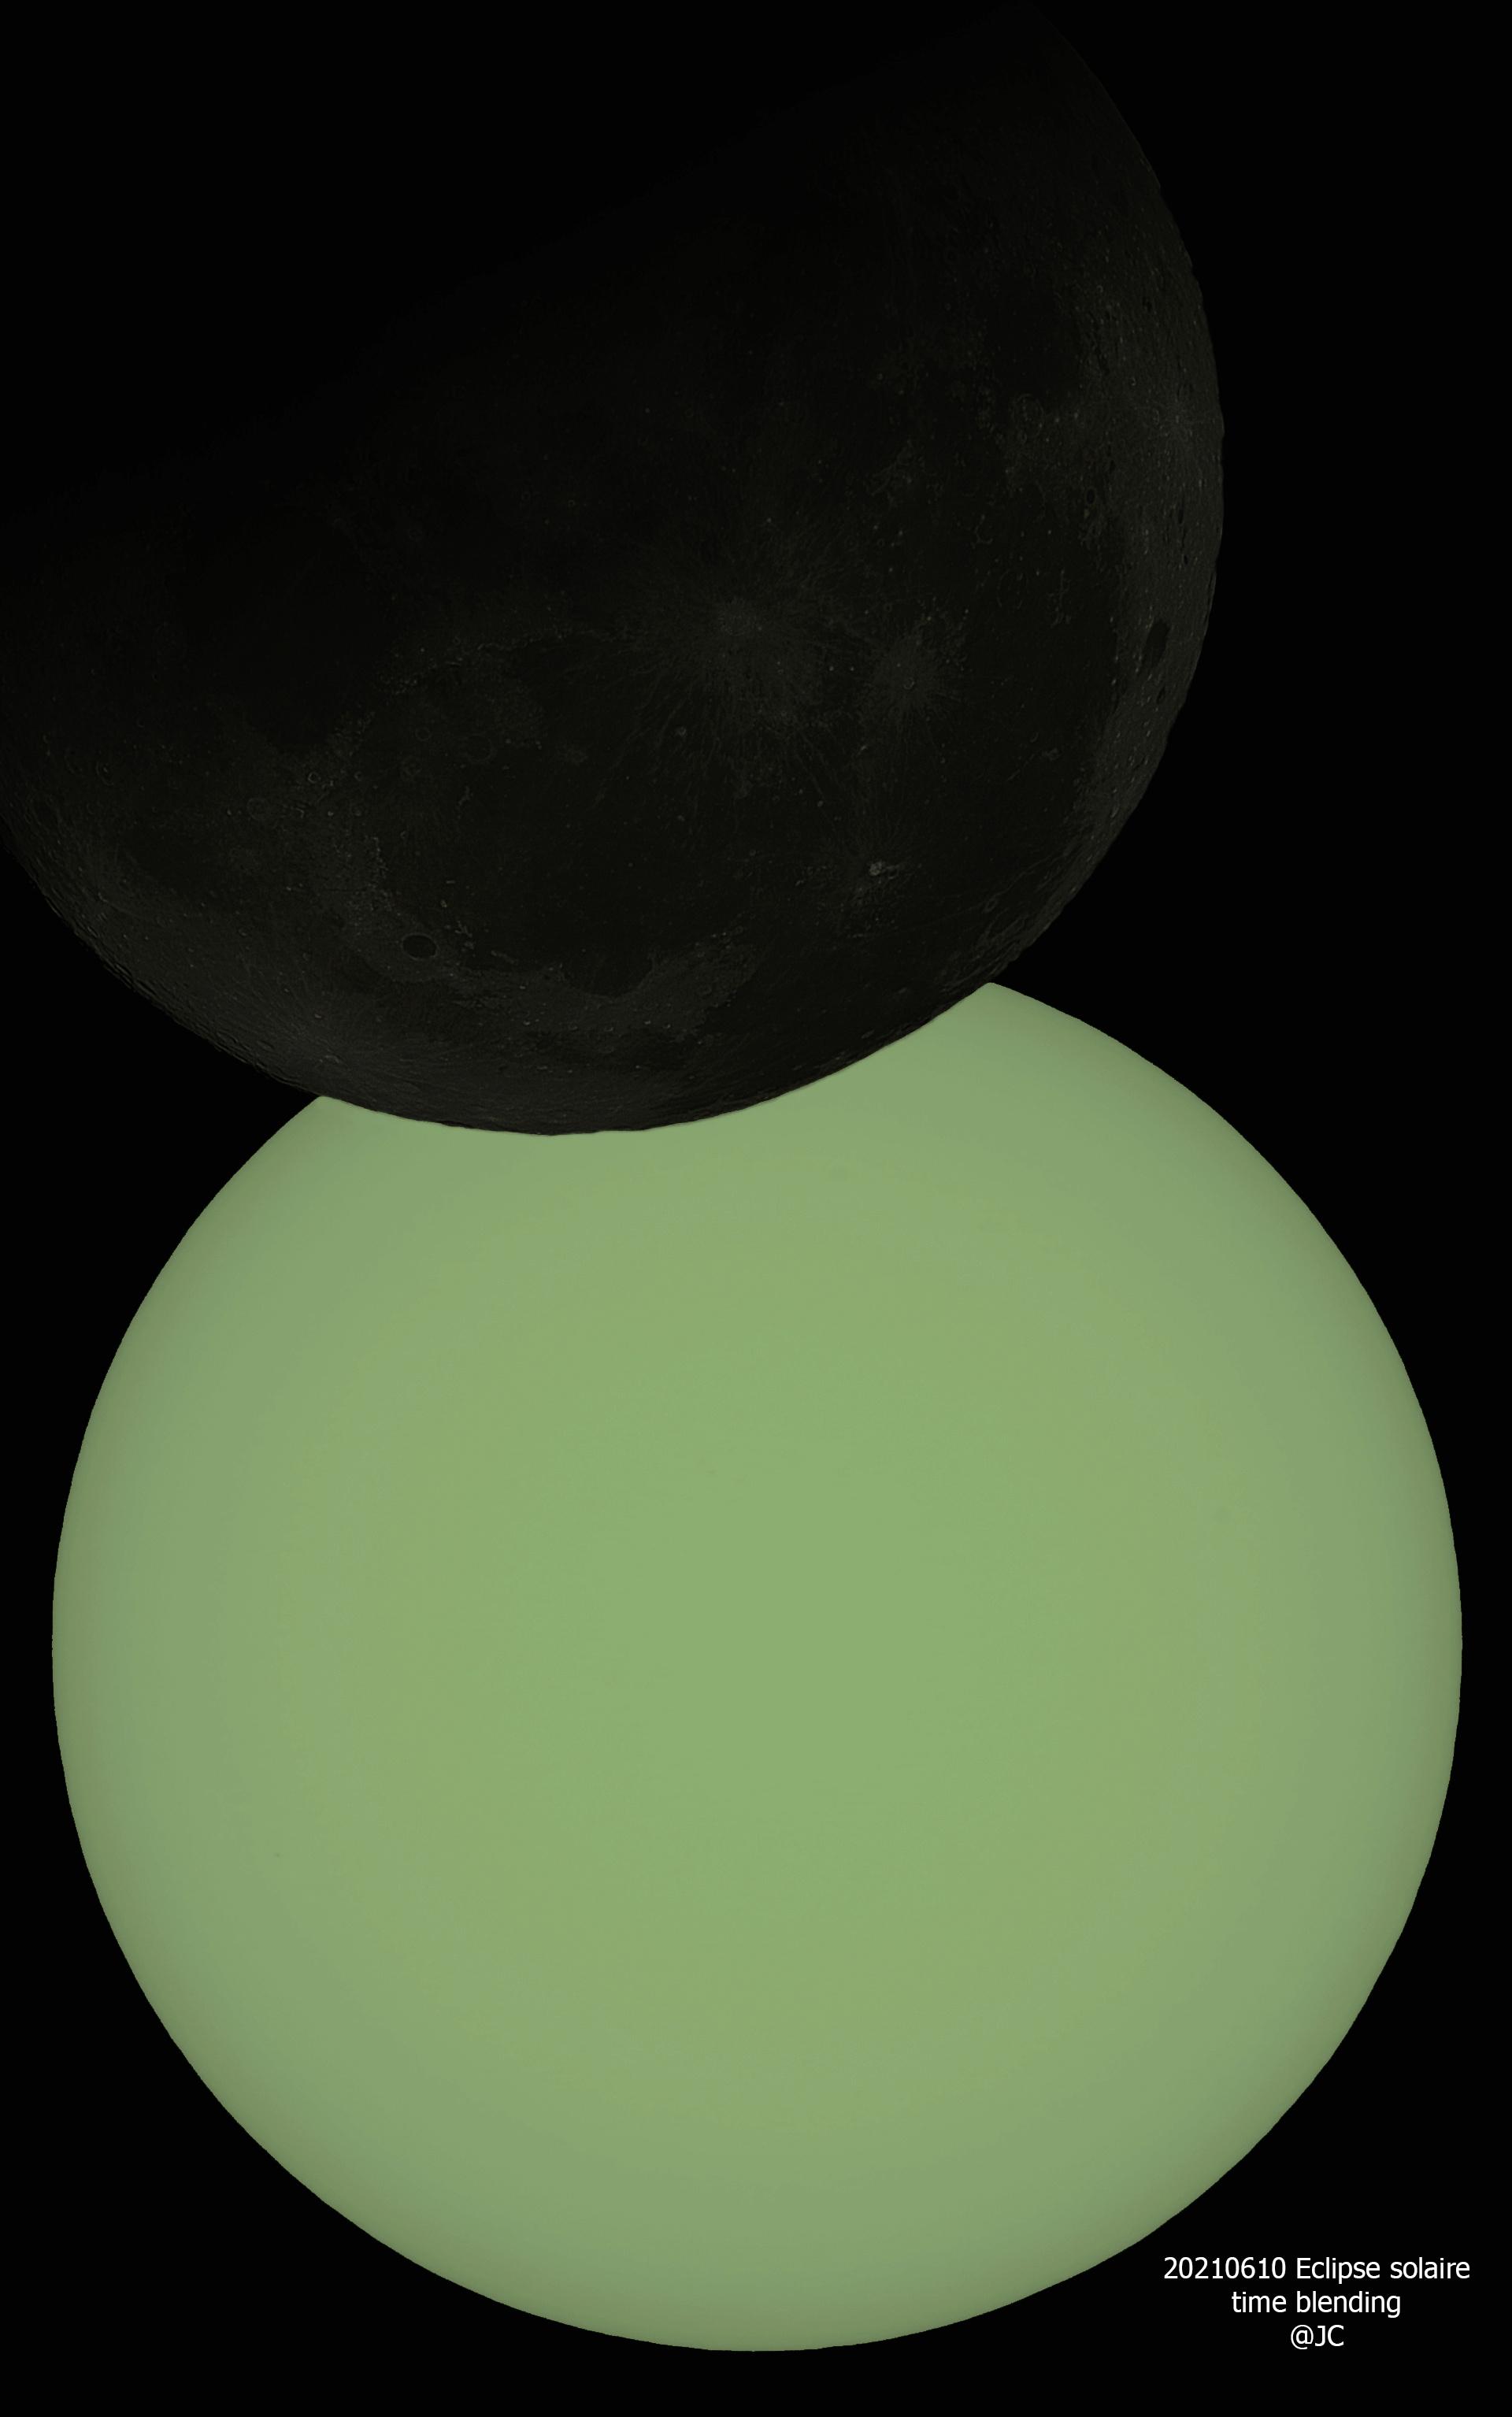 Eclipse solaire du 10 juin 2021 Eclips10